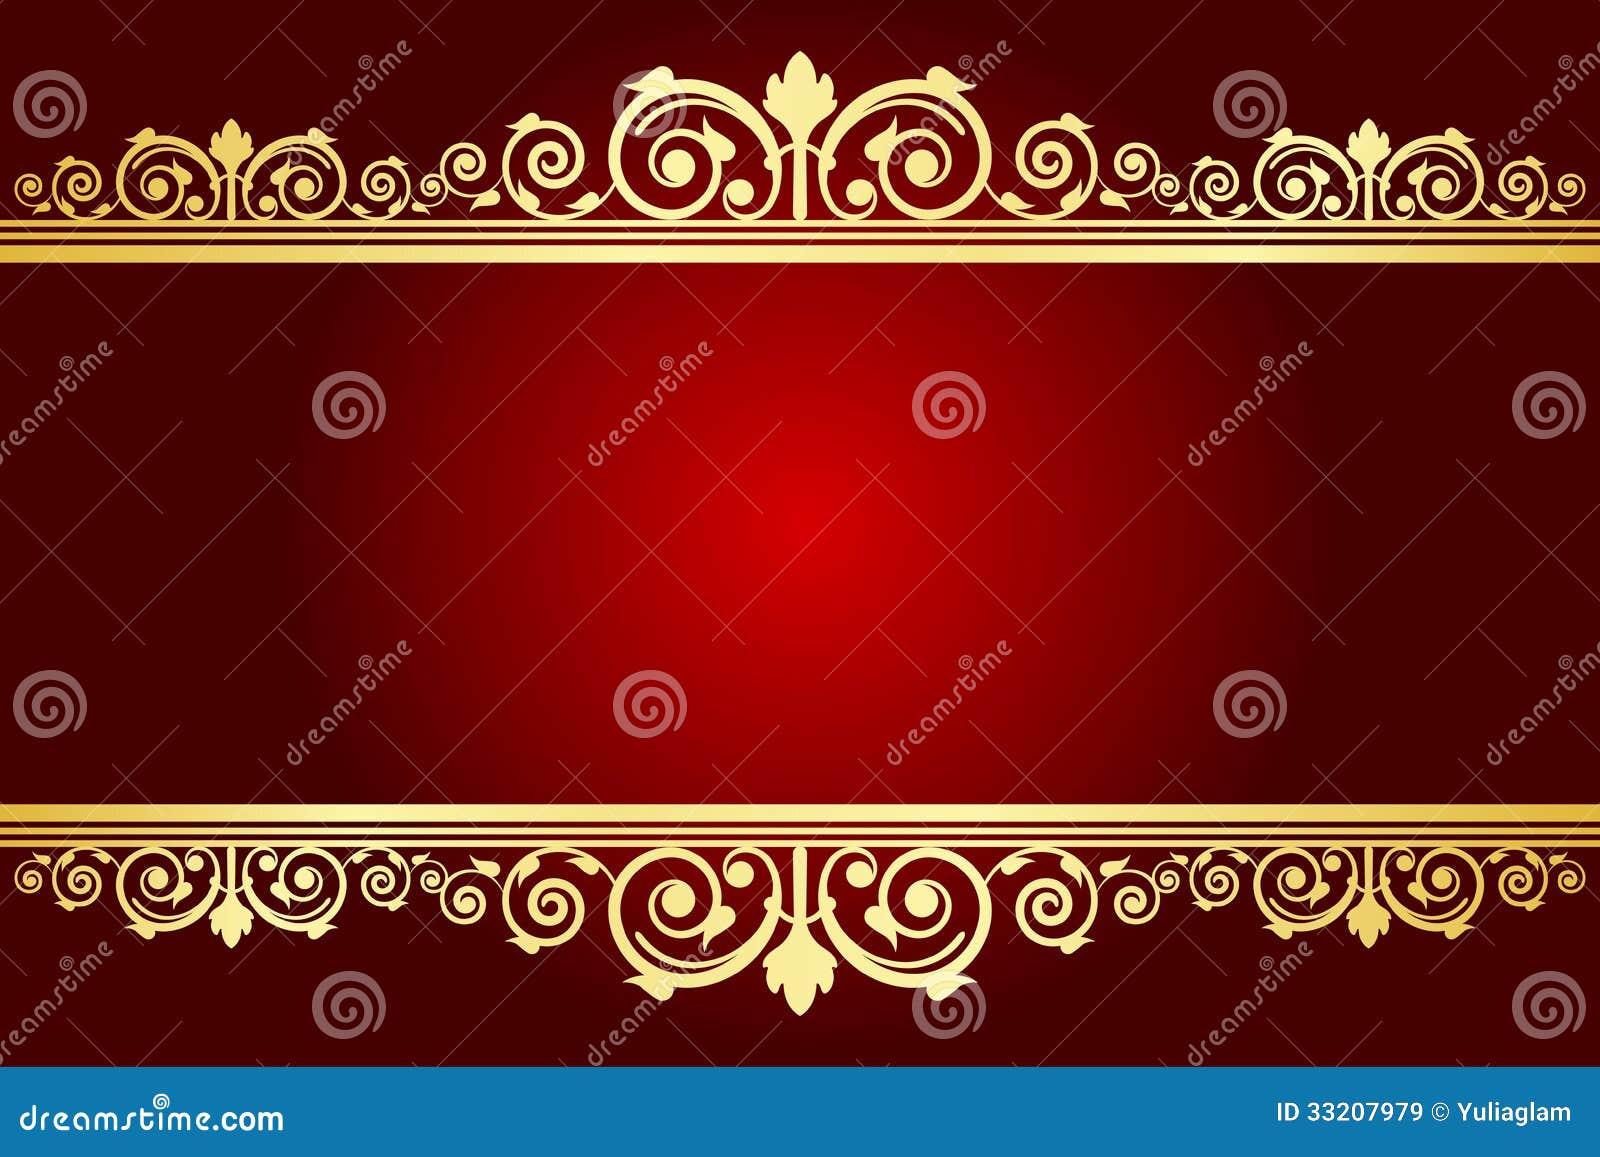 Königlicher Hintergrund Mit Verziertem Rahmen Vektor Abbildung ...